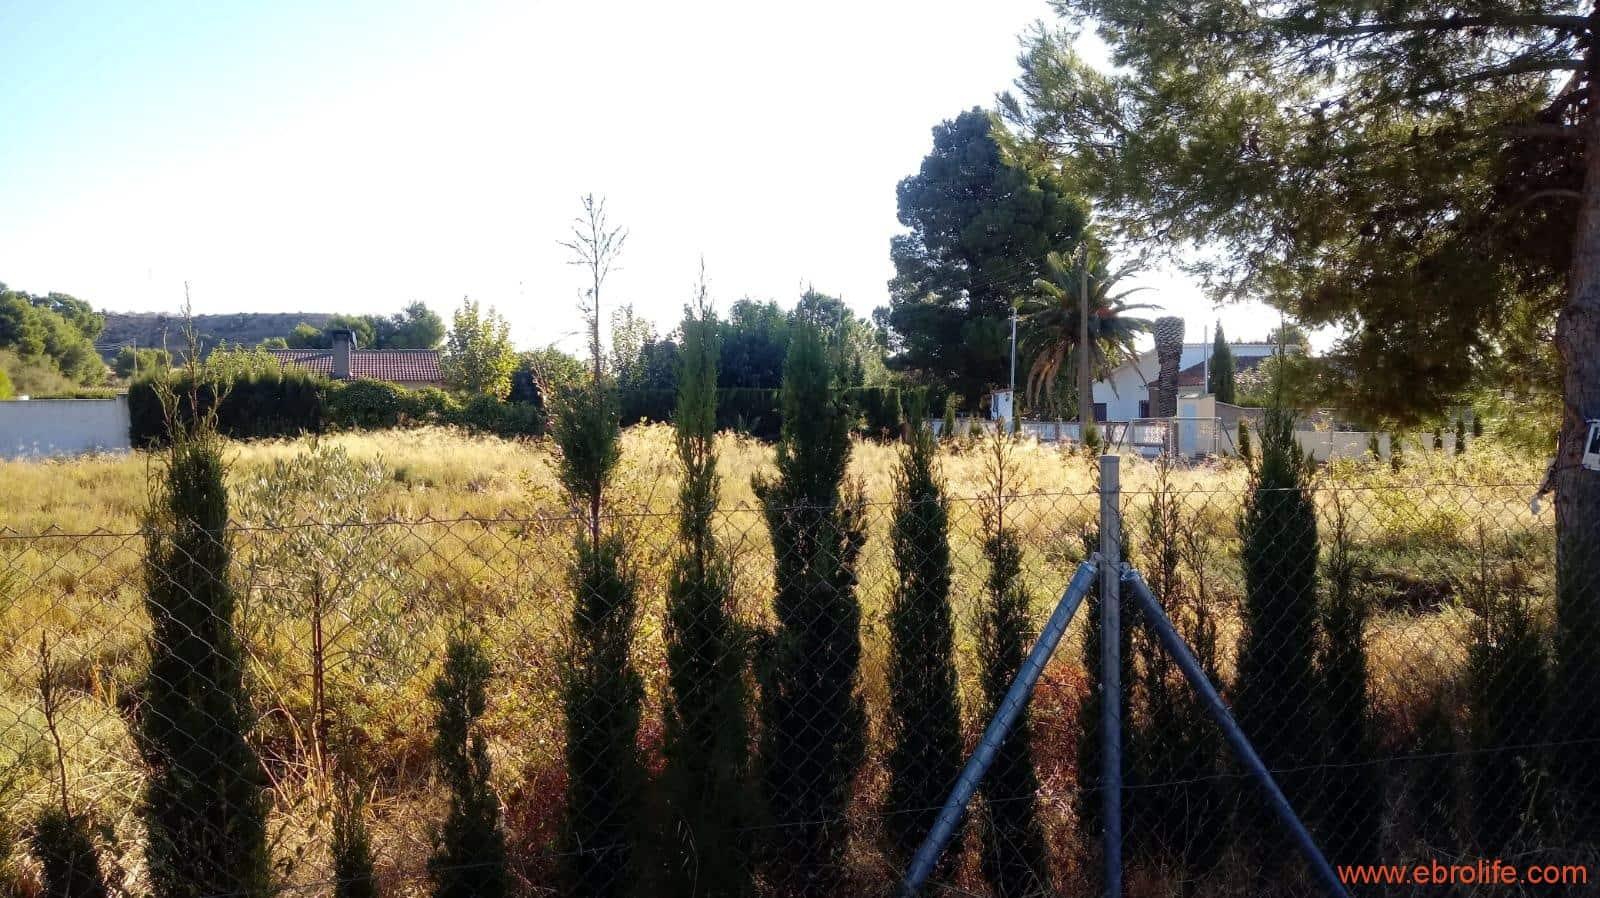 Terrain à Bâtir à vendre à Caspe - 23 000 € (Ref: 5742933)